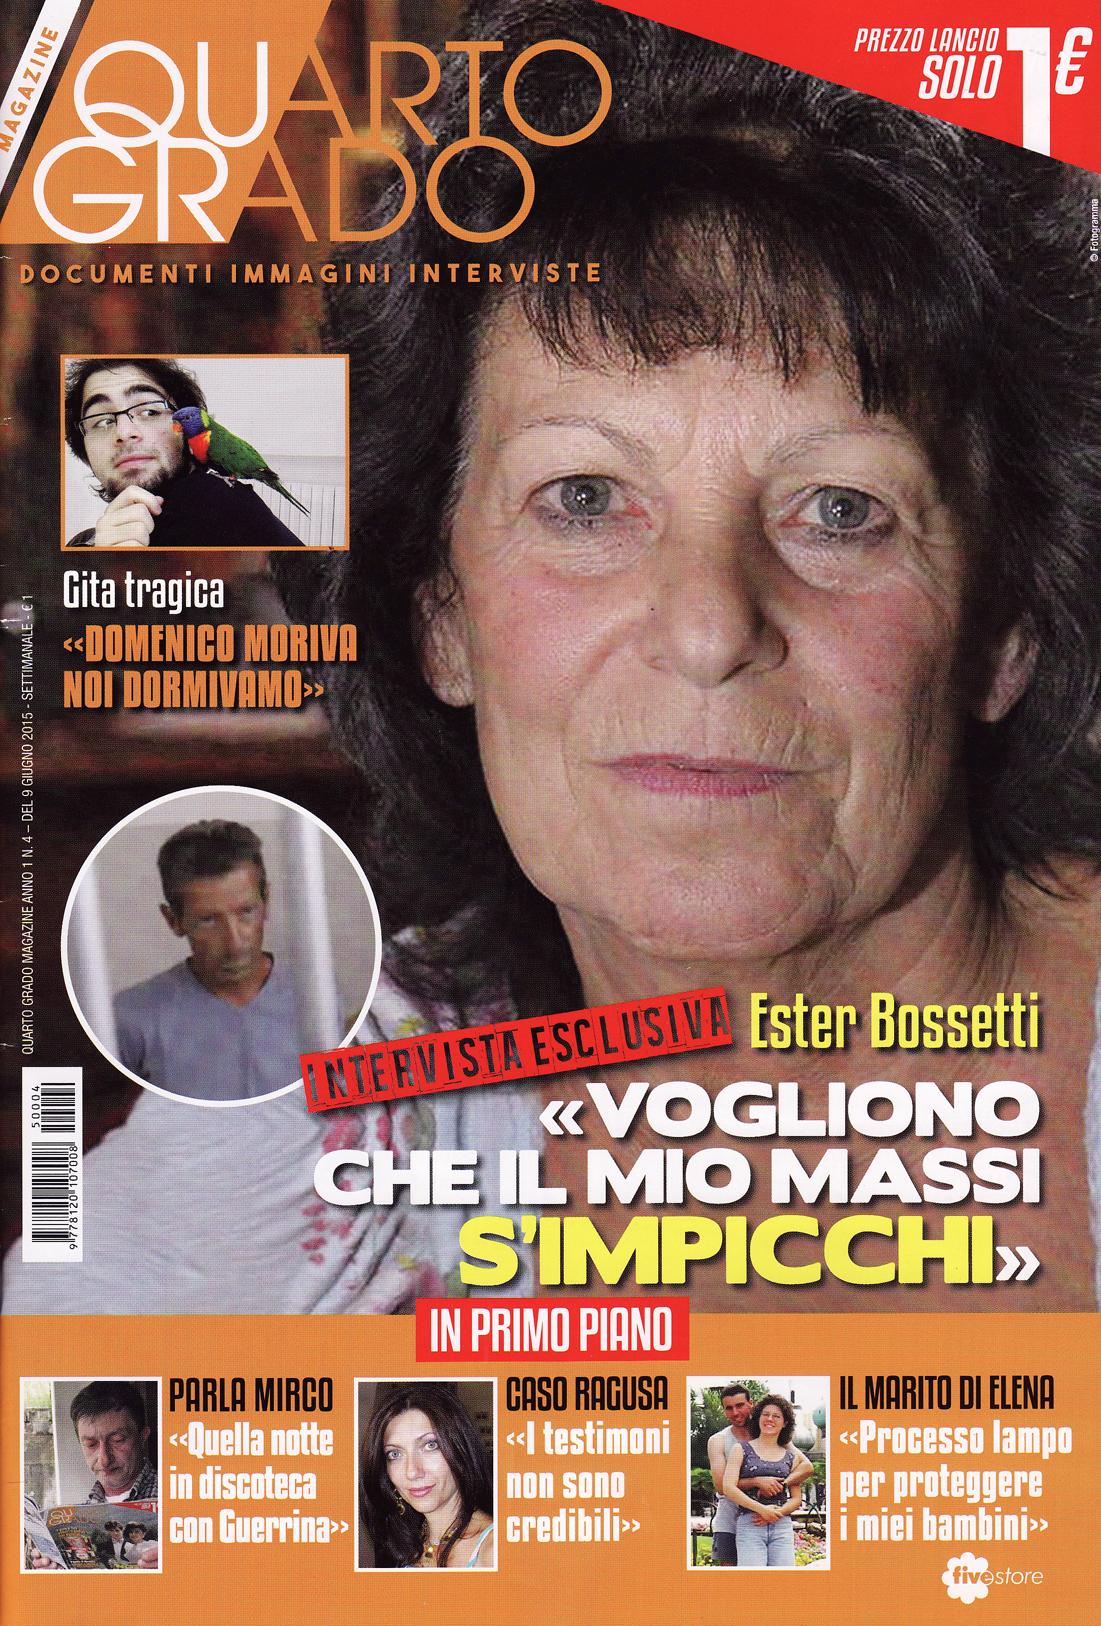 La copertina del numero 4 di Quarto Grado Magazine